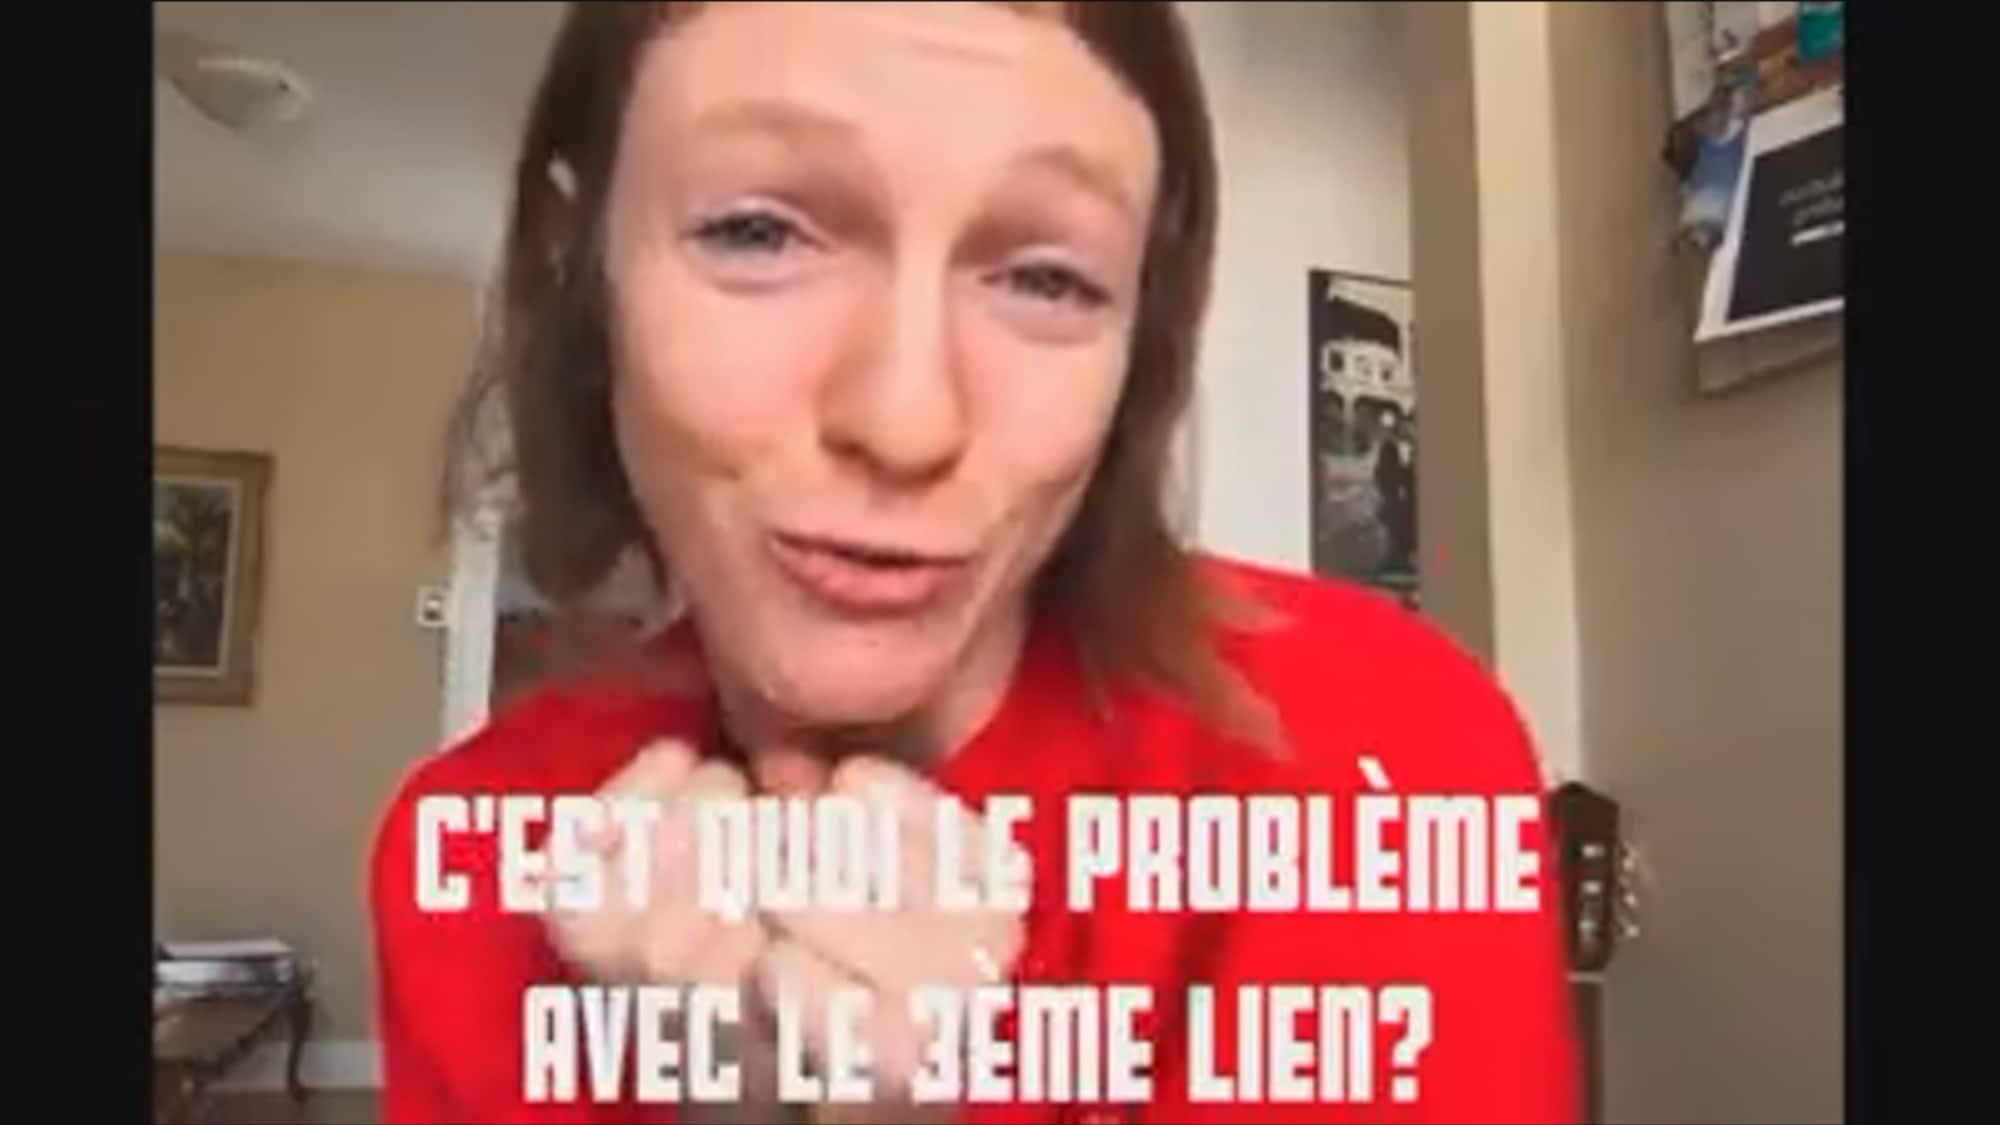 Capture d'écran tirée de la vidéo publiée par Catherine Dorion sur Facebook. La députée porte un chandail rouge. On aperçoit, au bas de l'écran, la phrase «C'est quoi le problème avec le 3e lien?».